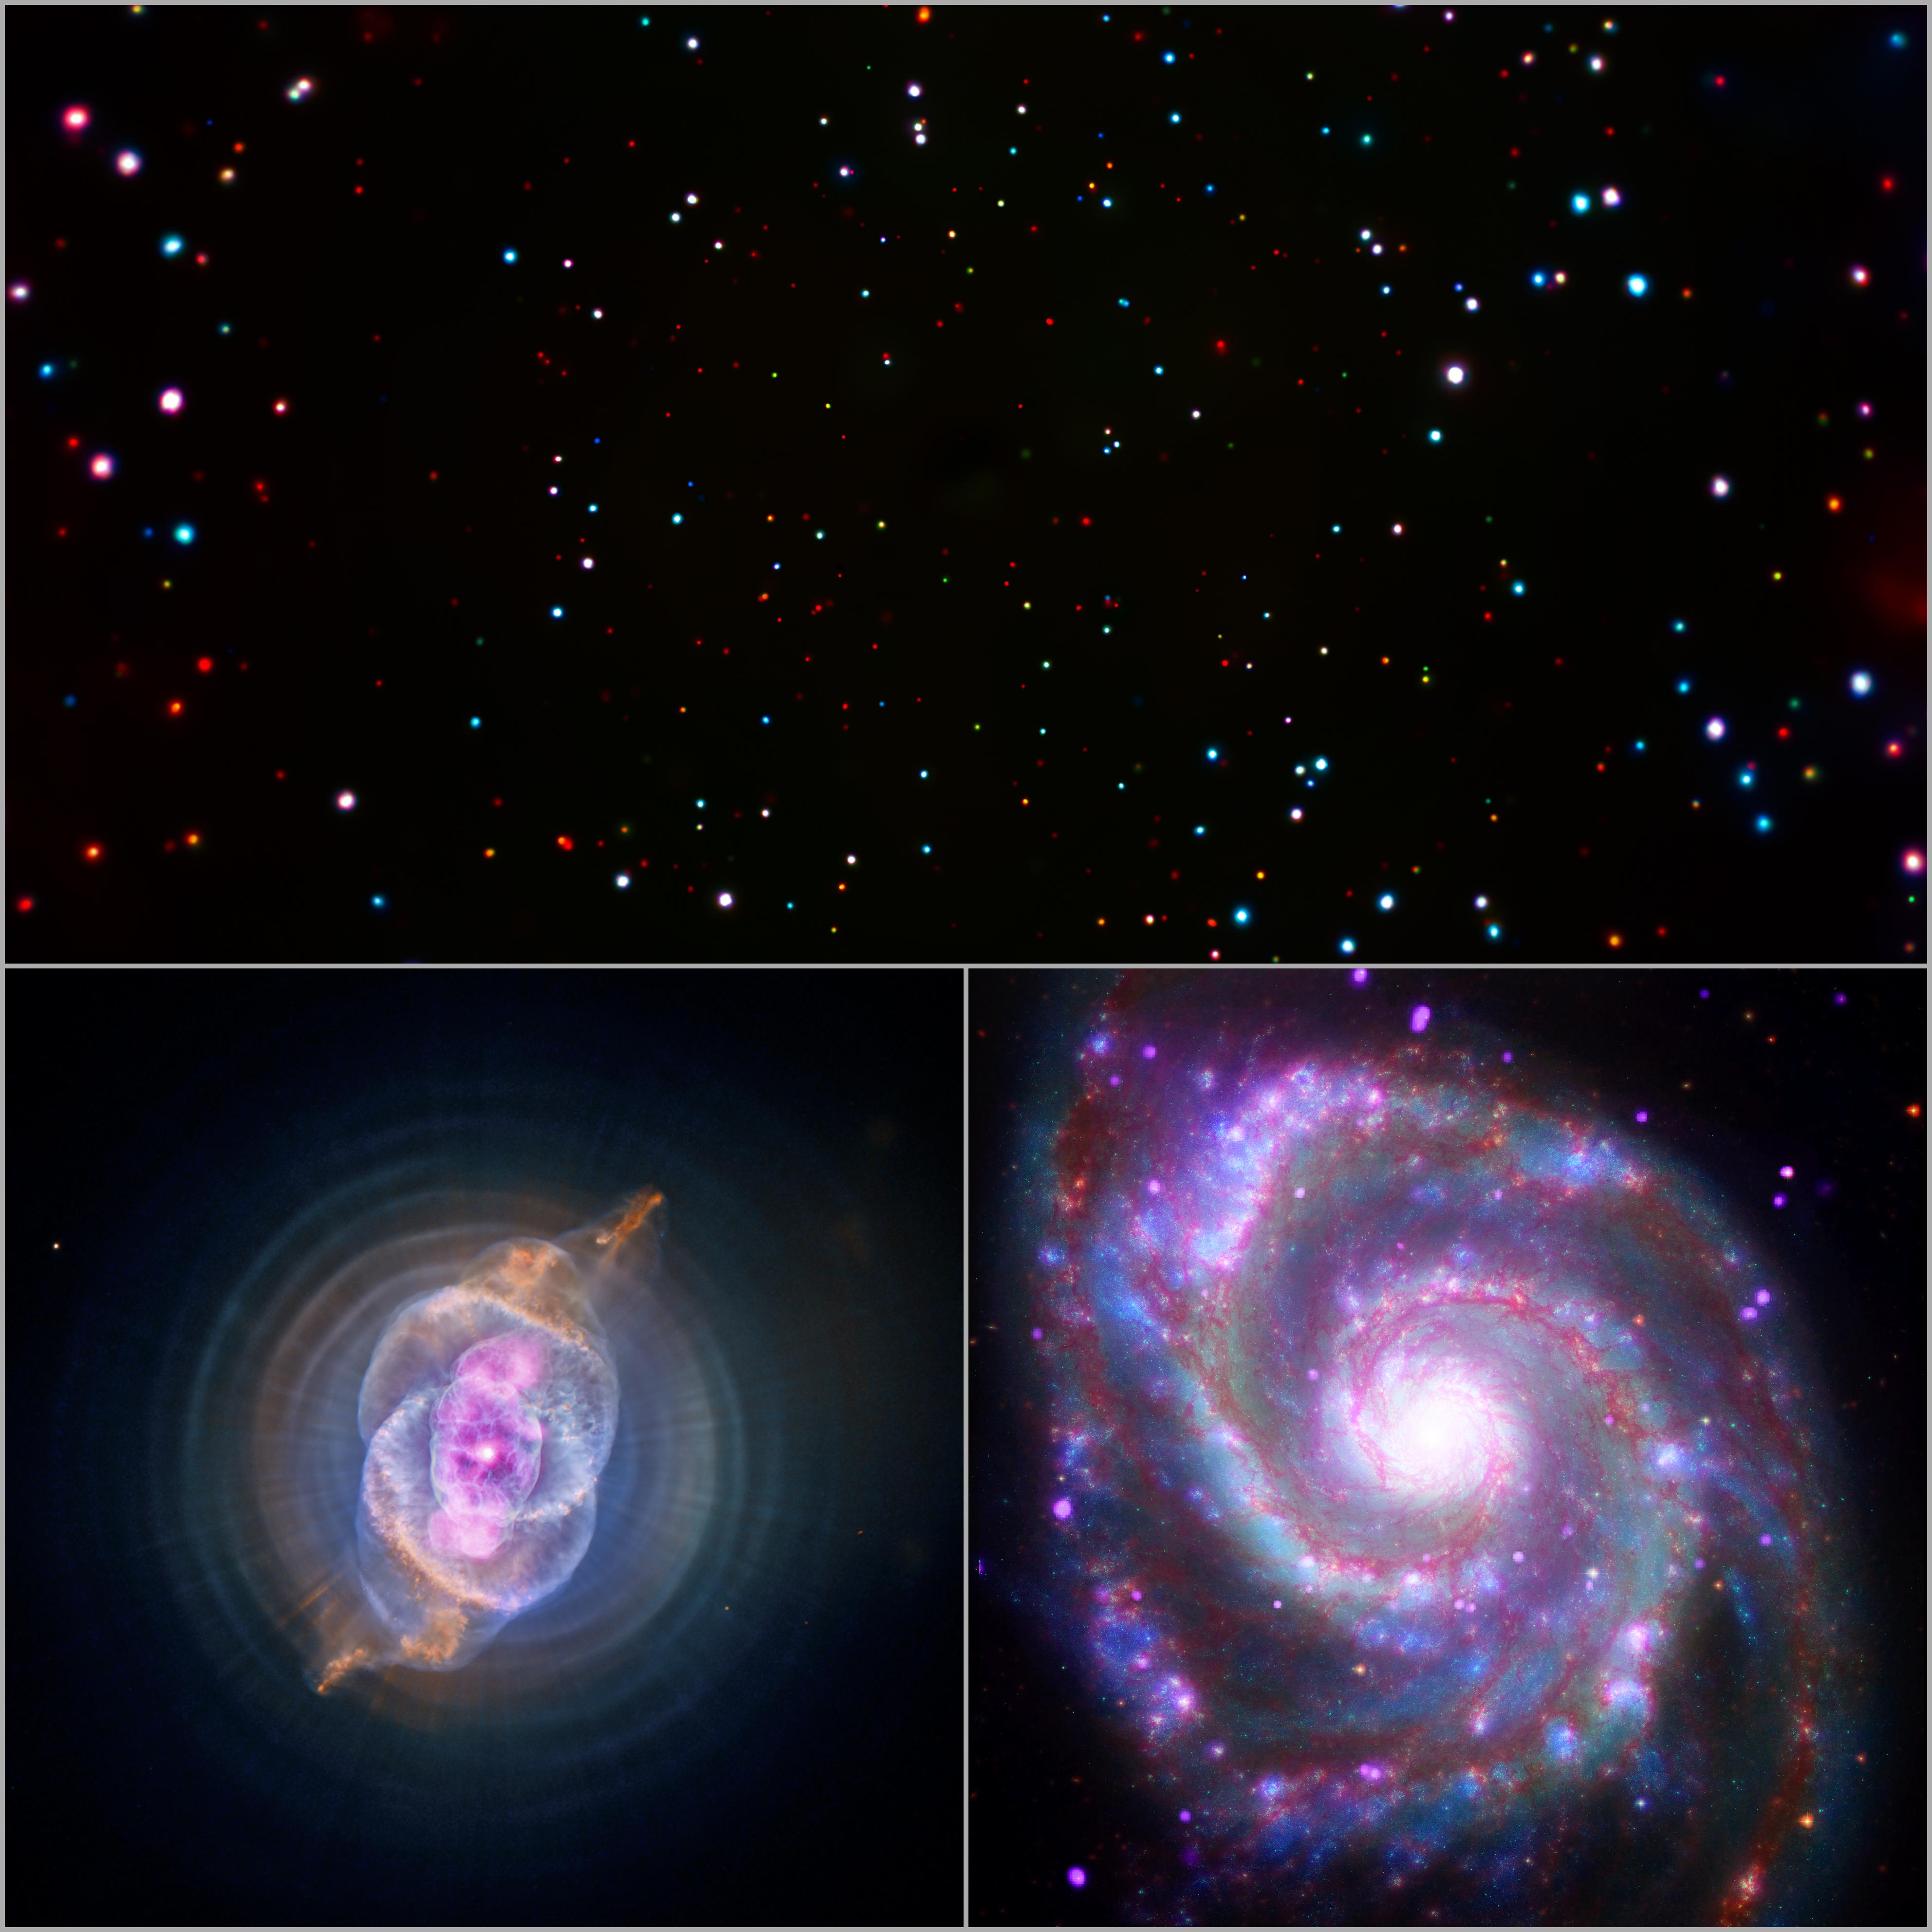 Au sommet de ce trio d'images se trouve une vue du Chandra Deep Field South.  En bas à gauche se trouve la nébuleuse de l'oeil de chat et en bas à droite, la galaxie Whirlpool (Messier 51).